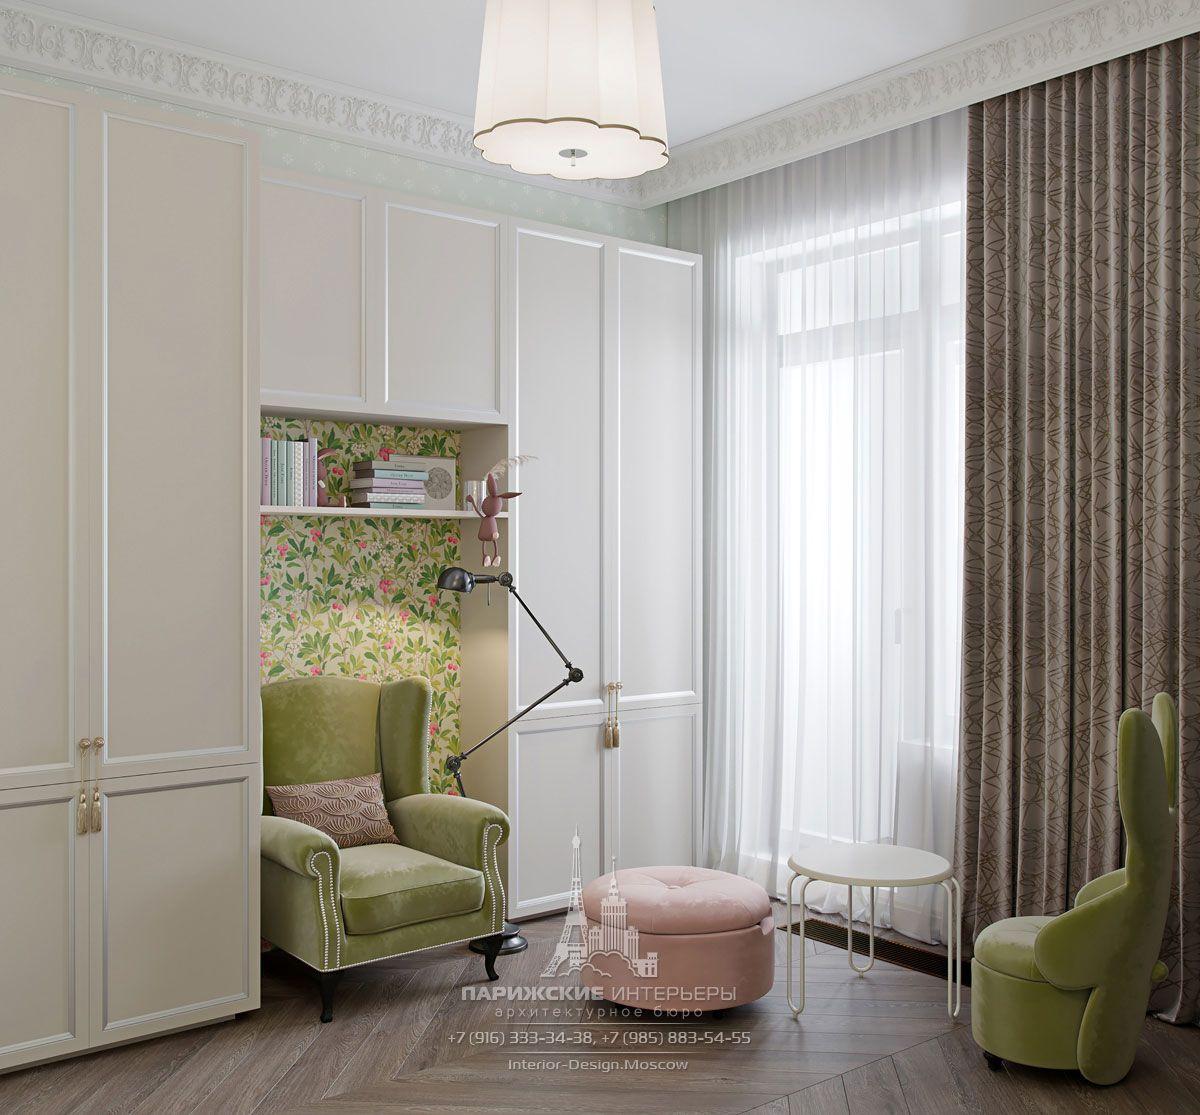 Дизайн интерьера детской комнаты в светлых тонах с яркими креслами